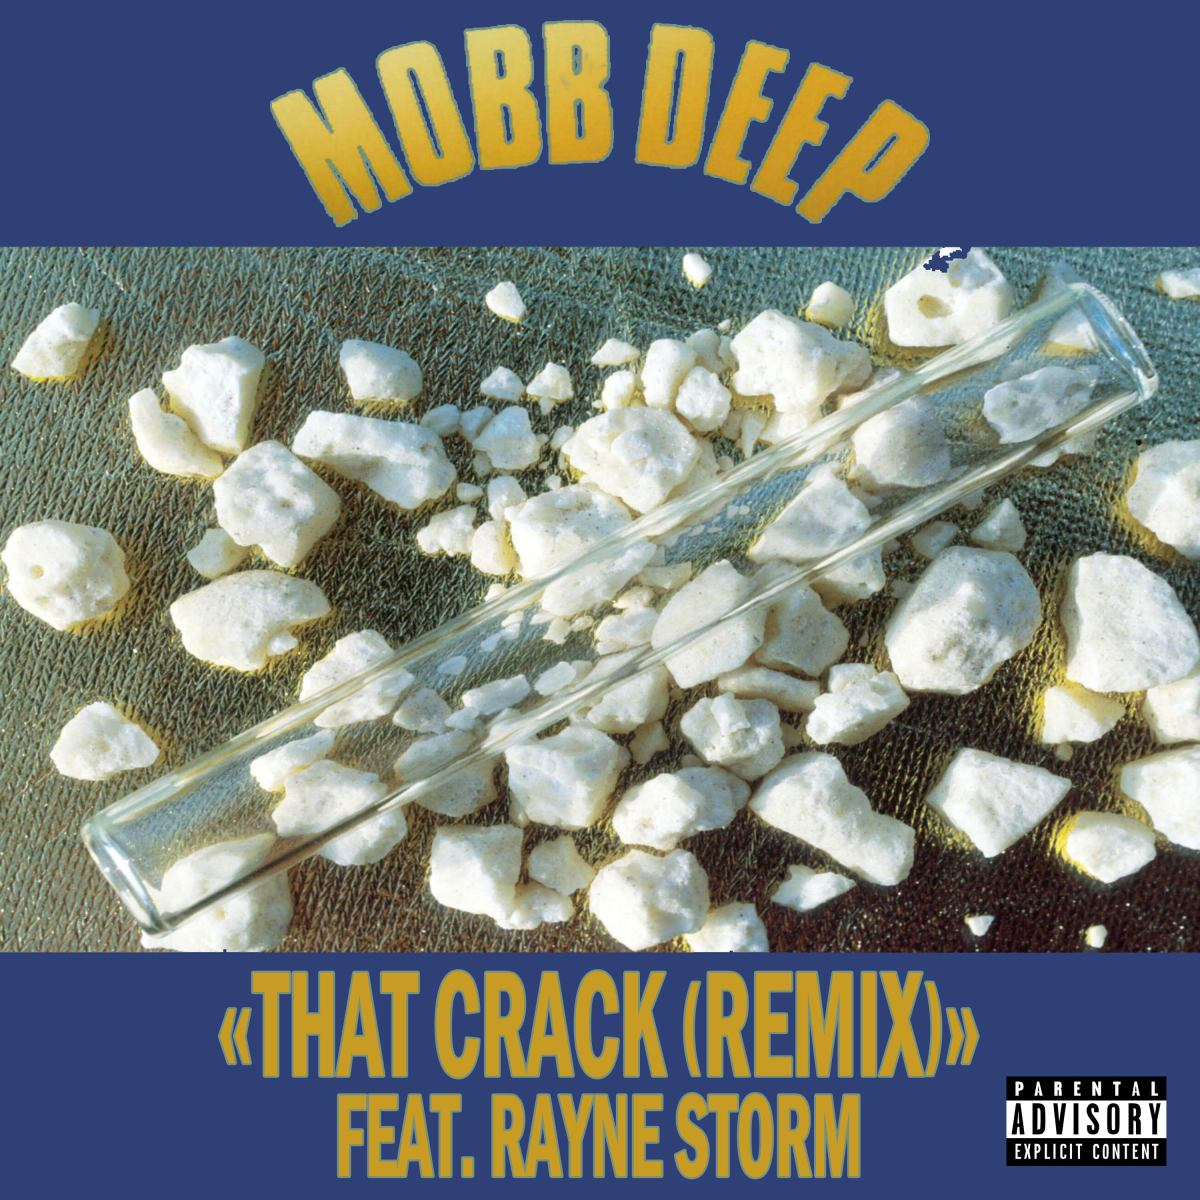 Mobb Deep - That Crack (Remix) ft. Rayne Storm